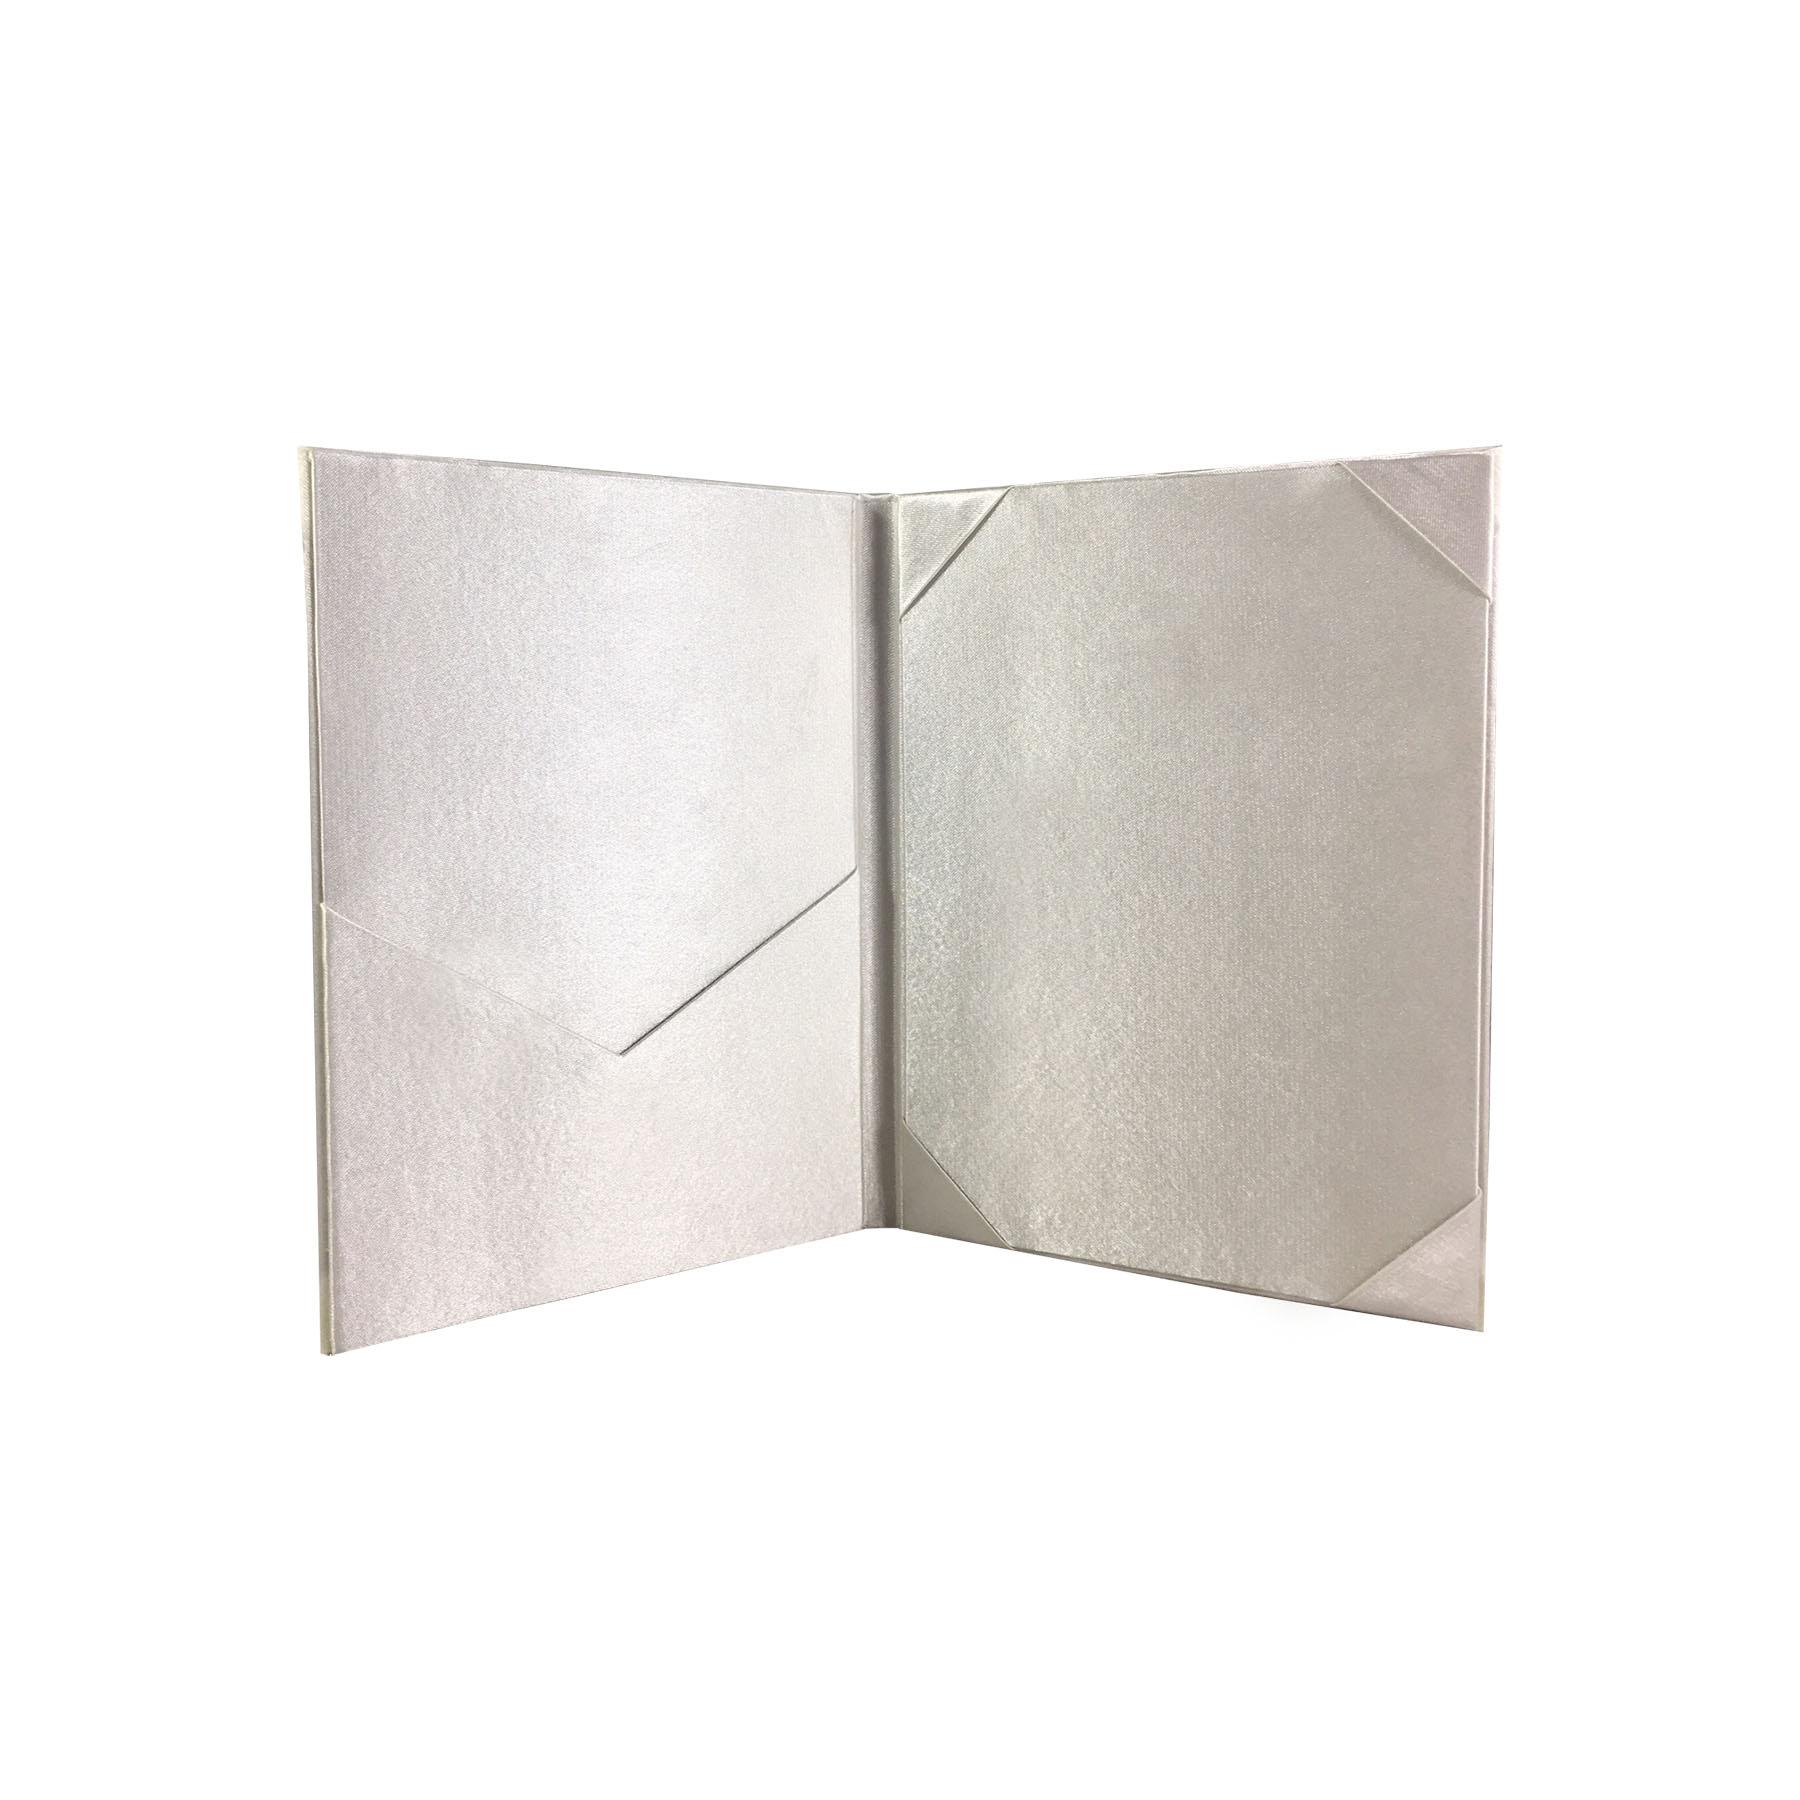 Folder invitations